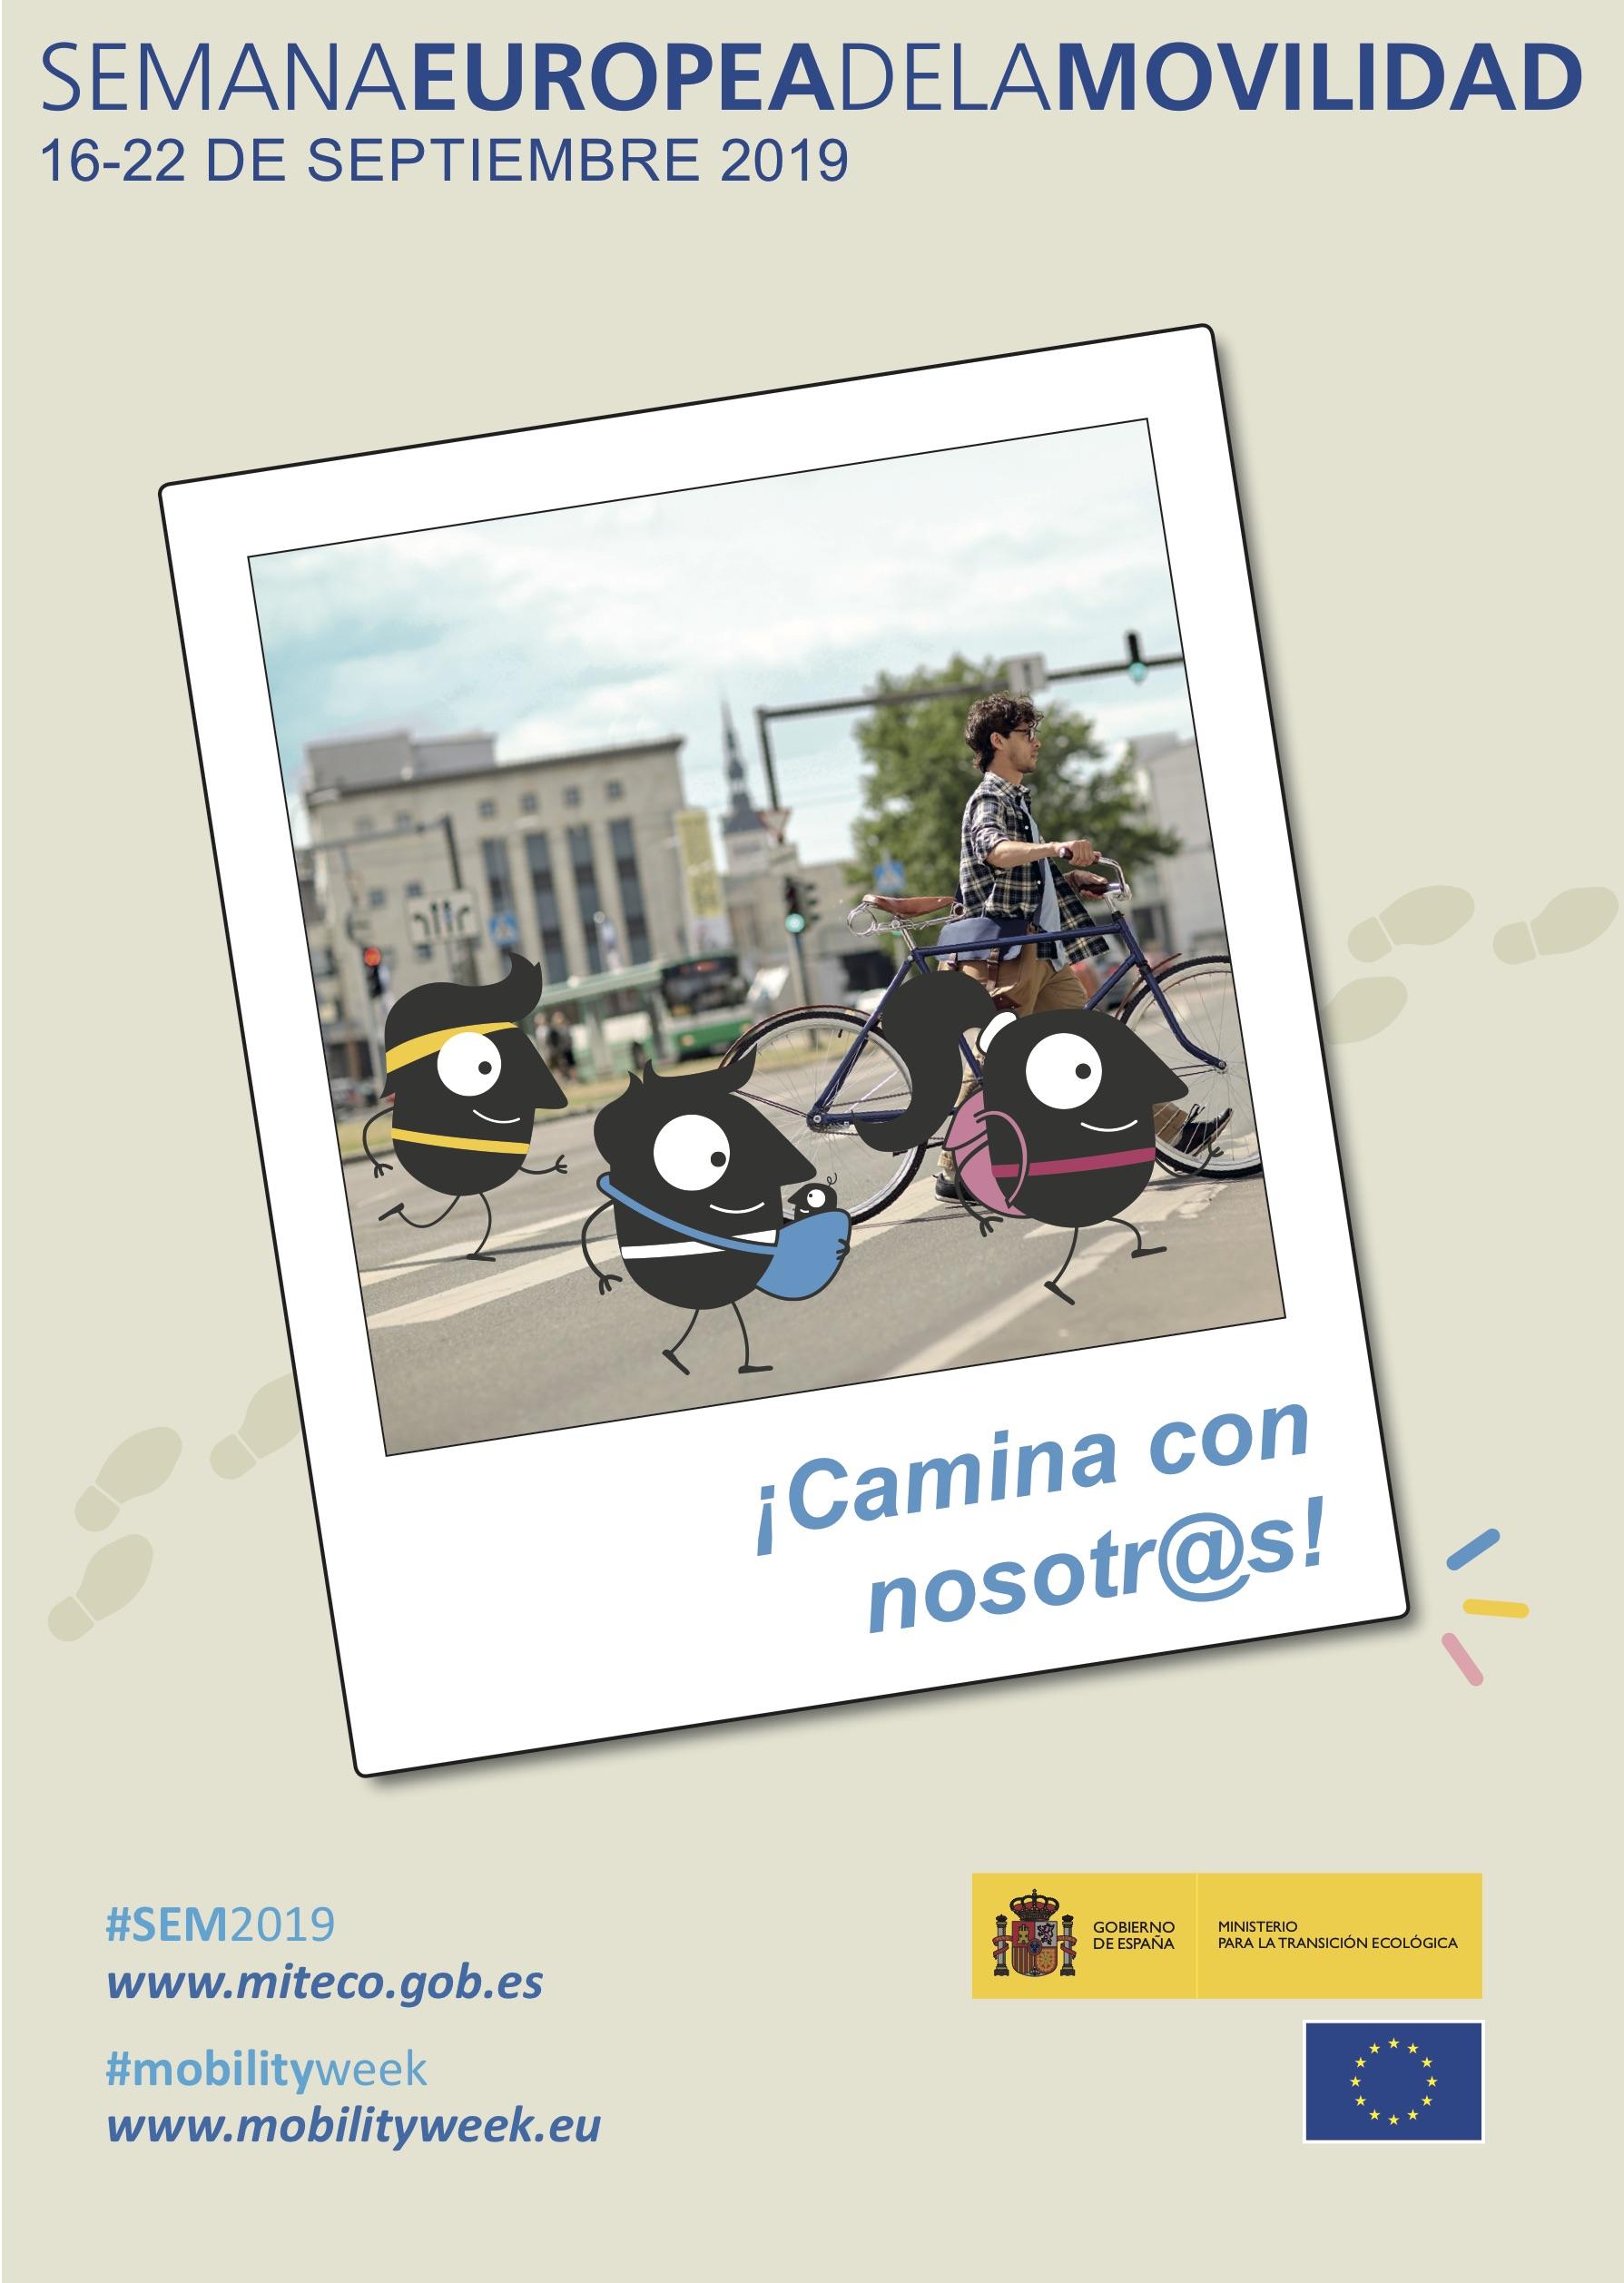 Semana Europea de la Movilidad 2019. Del 16 al 22 de septiembre. Camina con nosotros